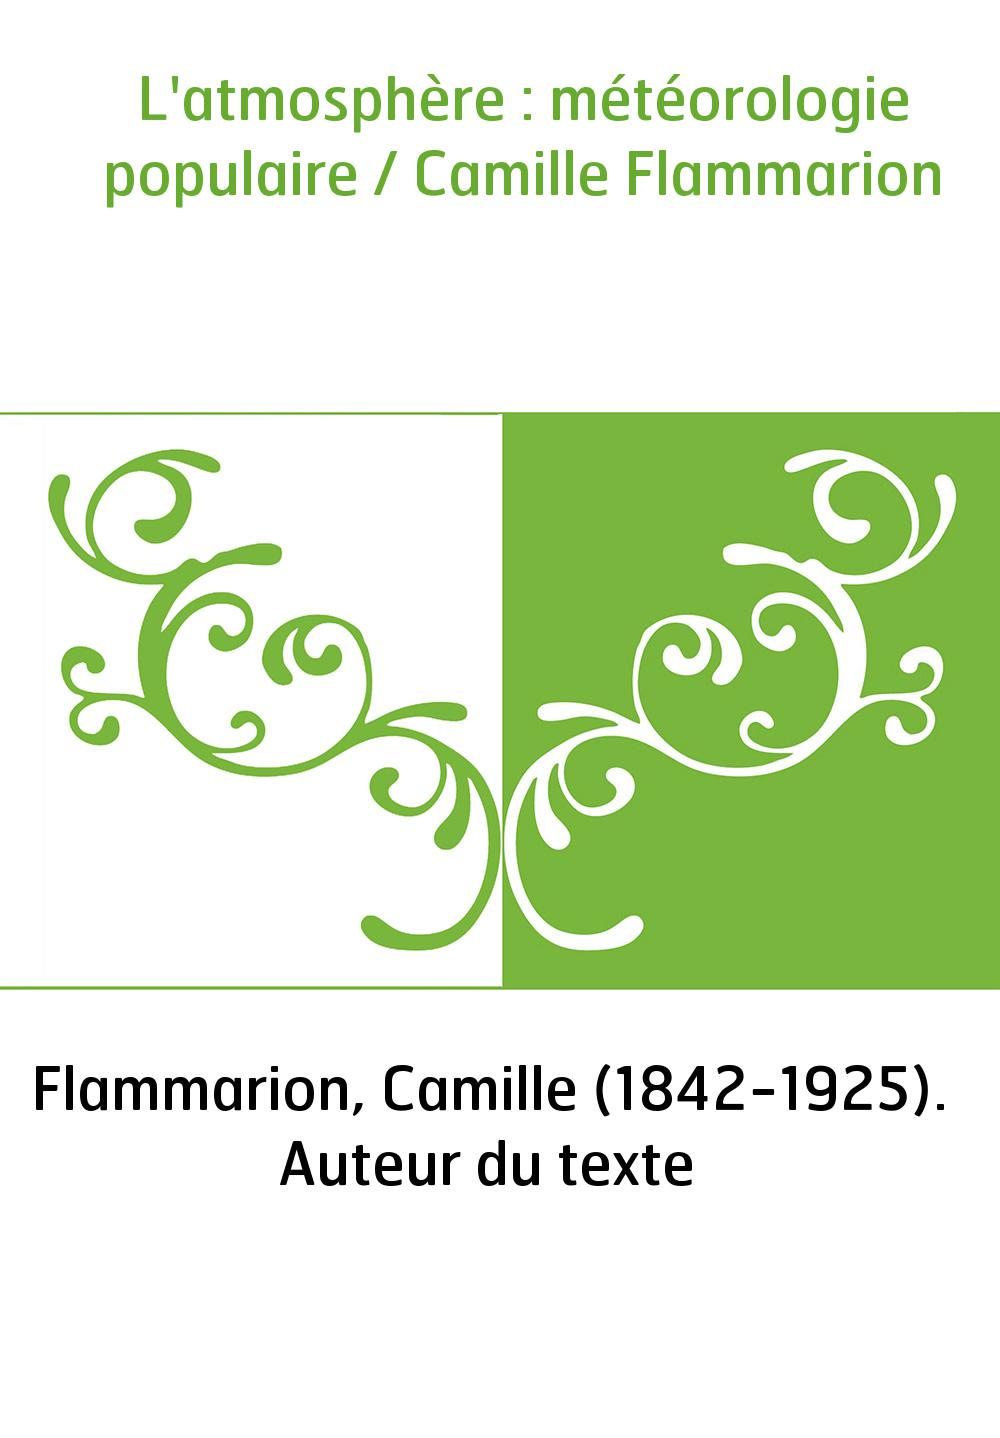 L'atmosphère : météorologie populaire / Camille Flammarion